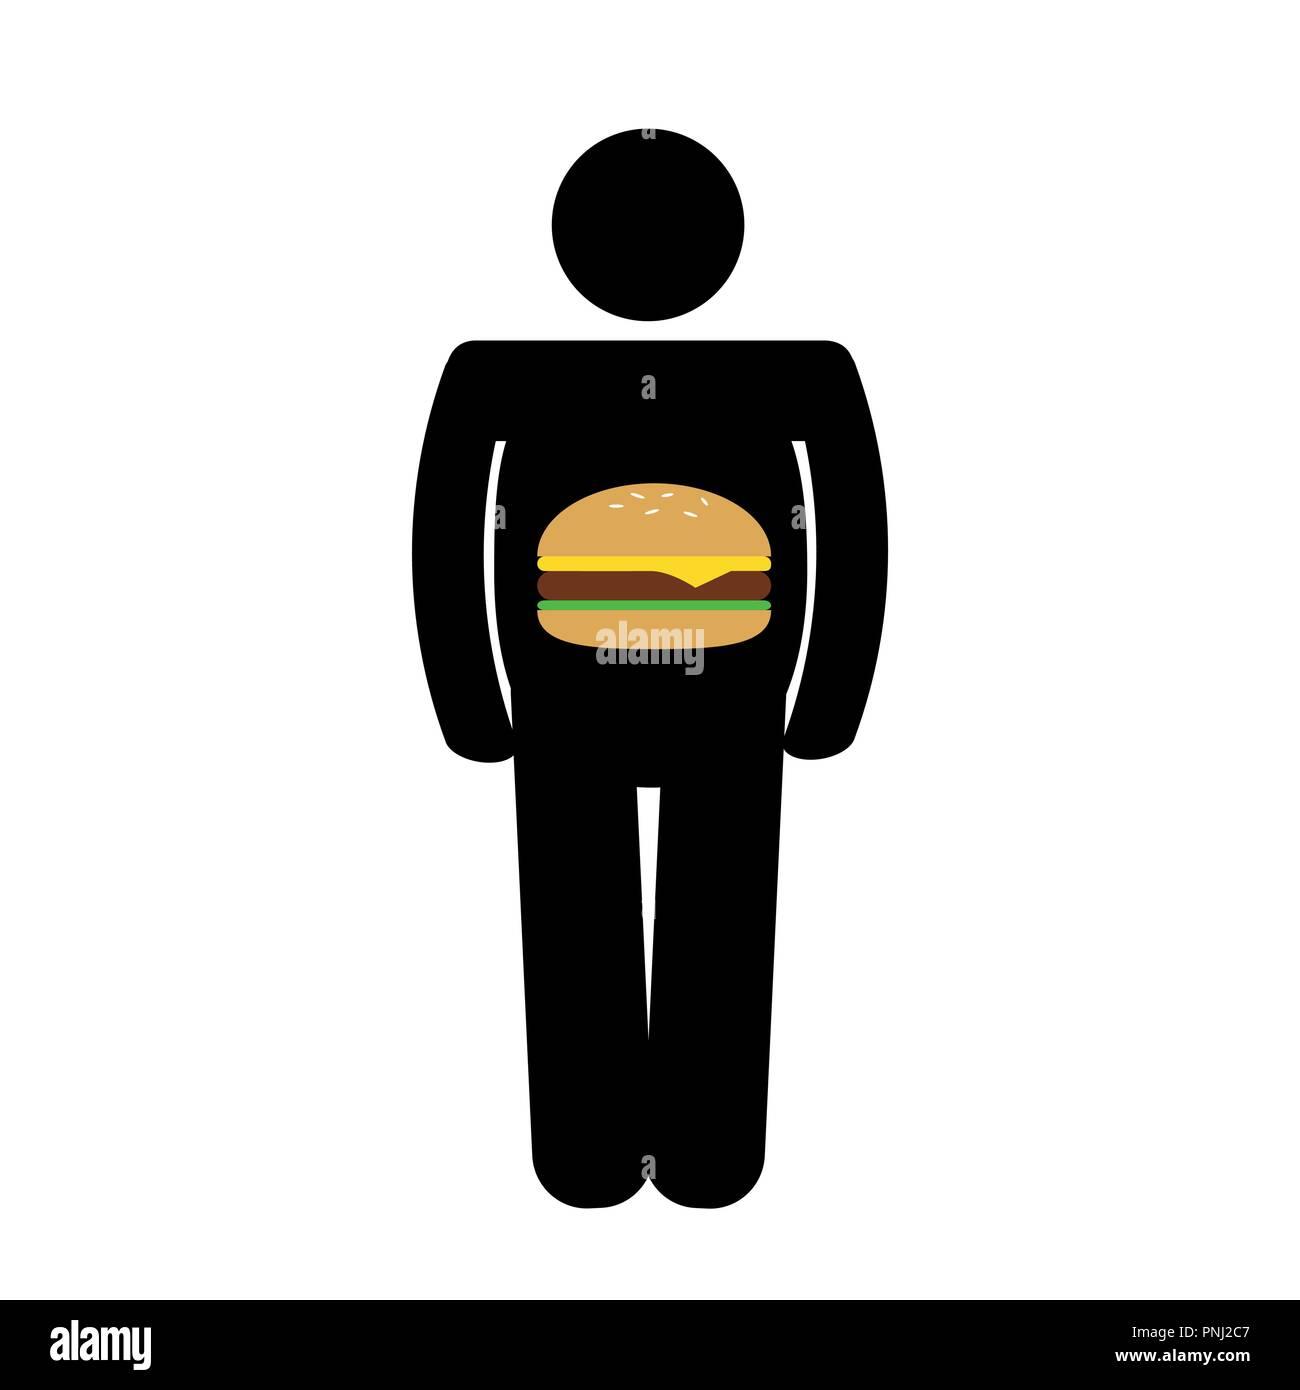 Fat Man haben eine ungesunde Fast Food Burger im Bauch Piktogramm Vektor-illustration EPS 10. Stockbild